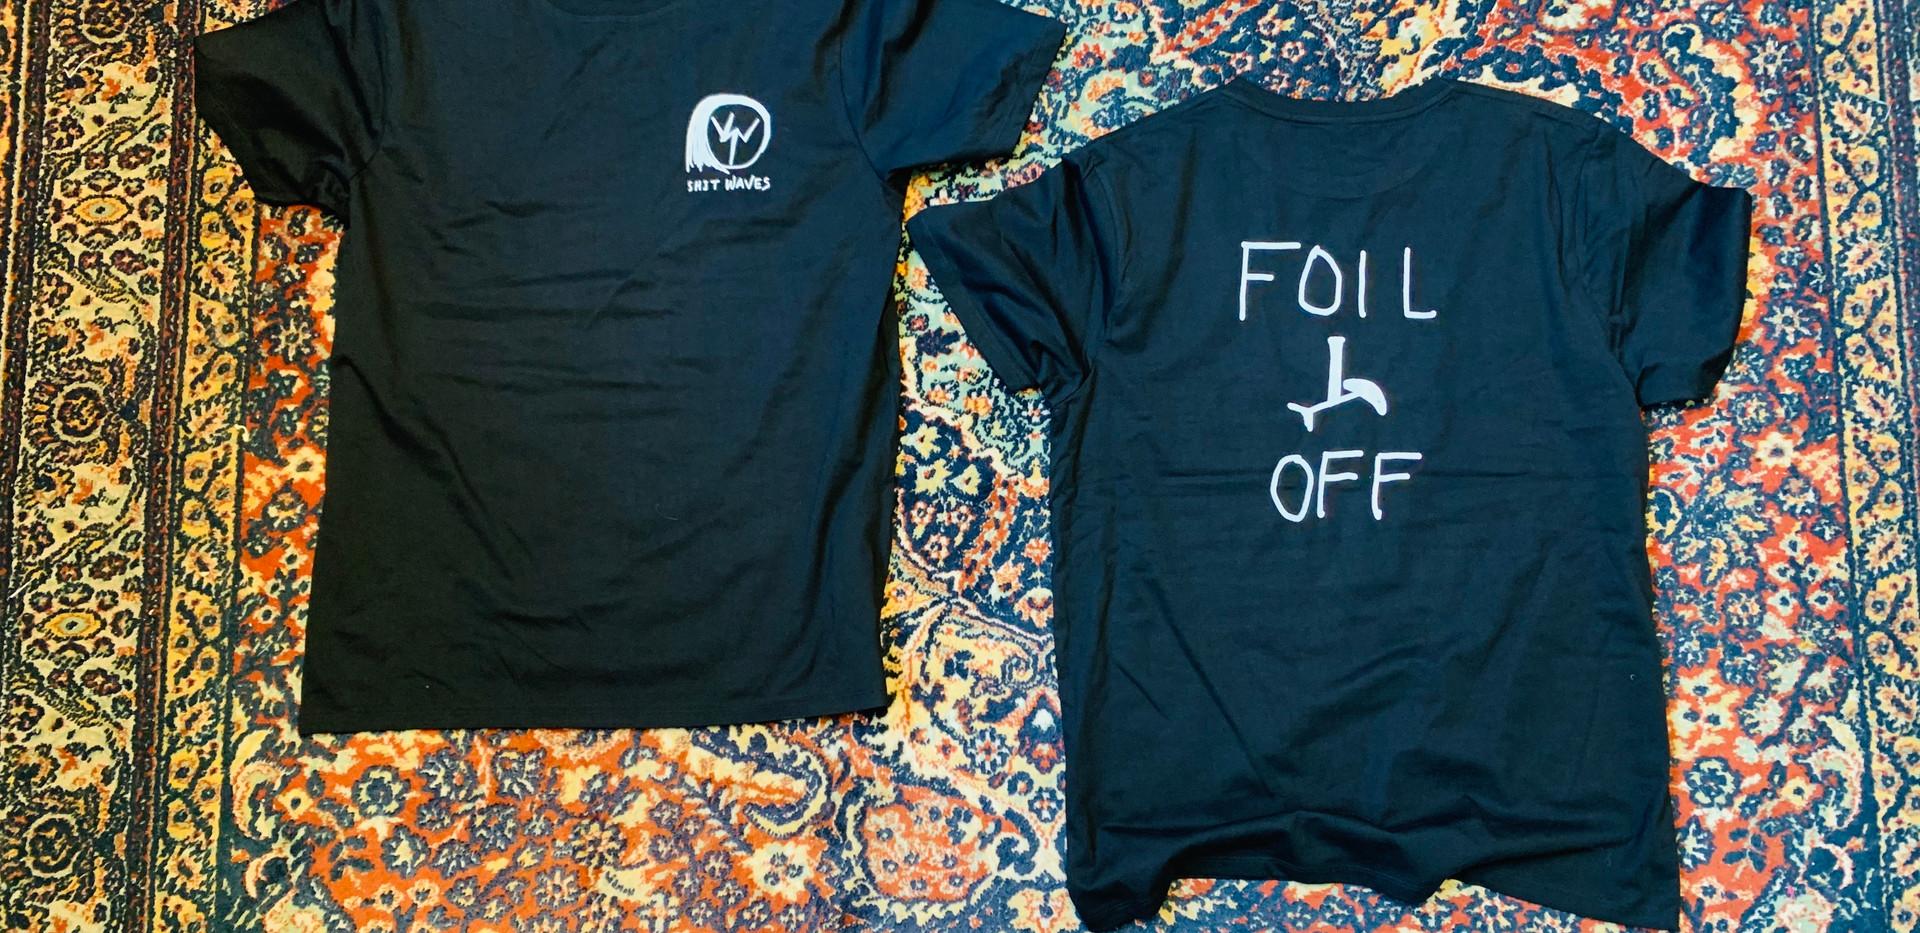 FoilOffShirt.jpg